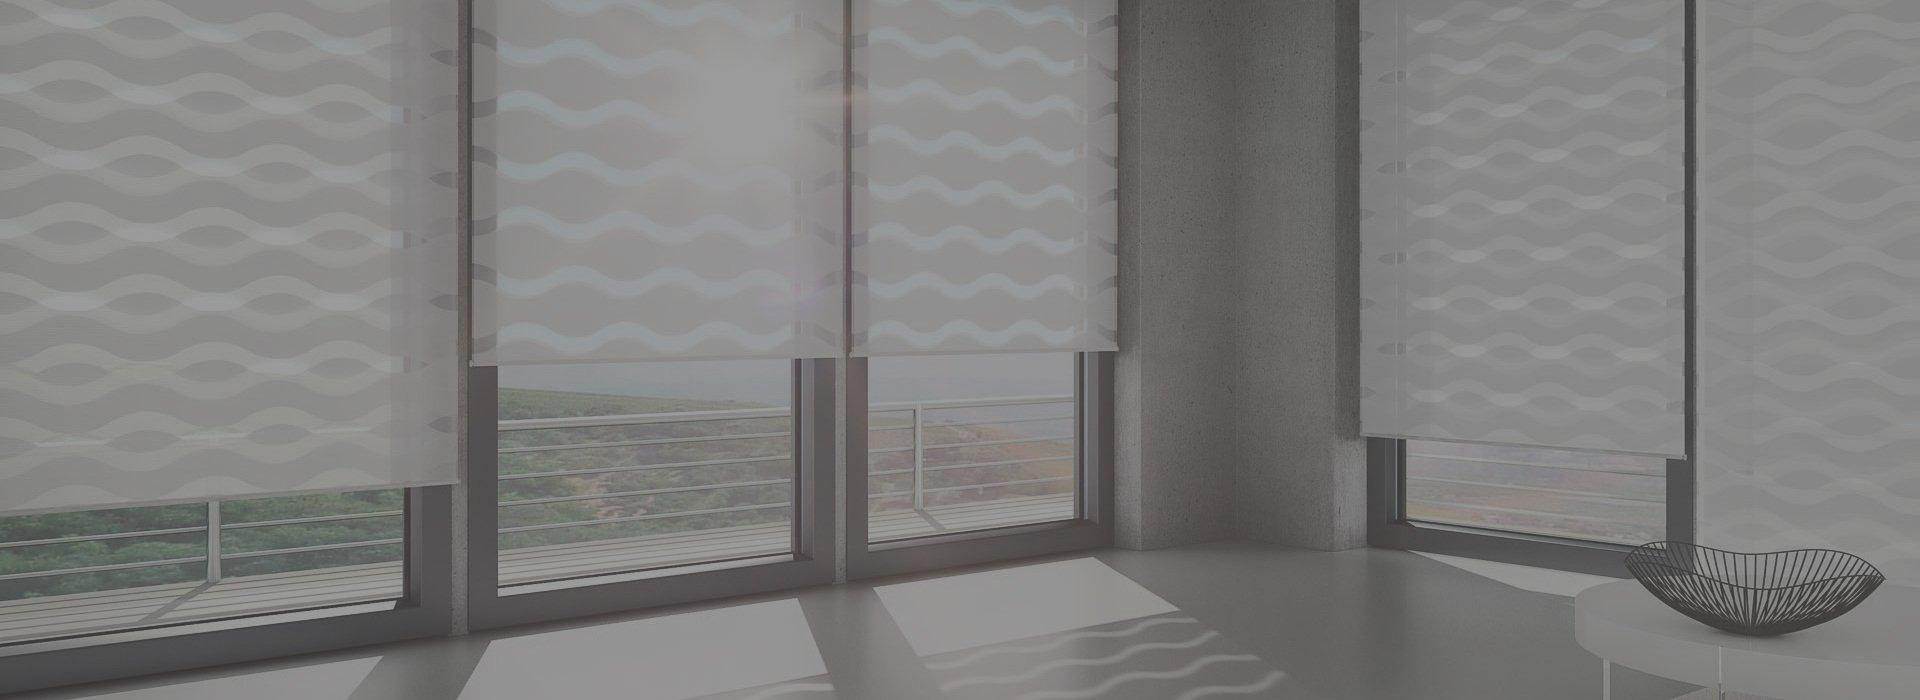 Изготавливаем рулонные шторы по вашим размерам